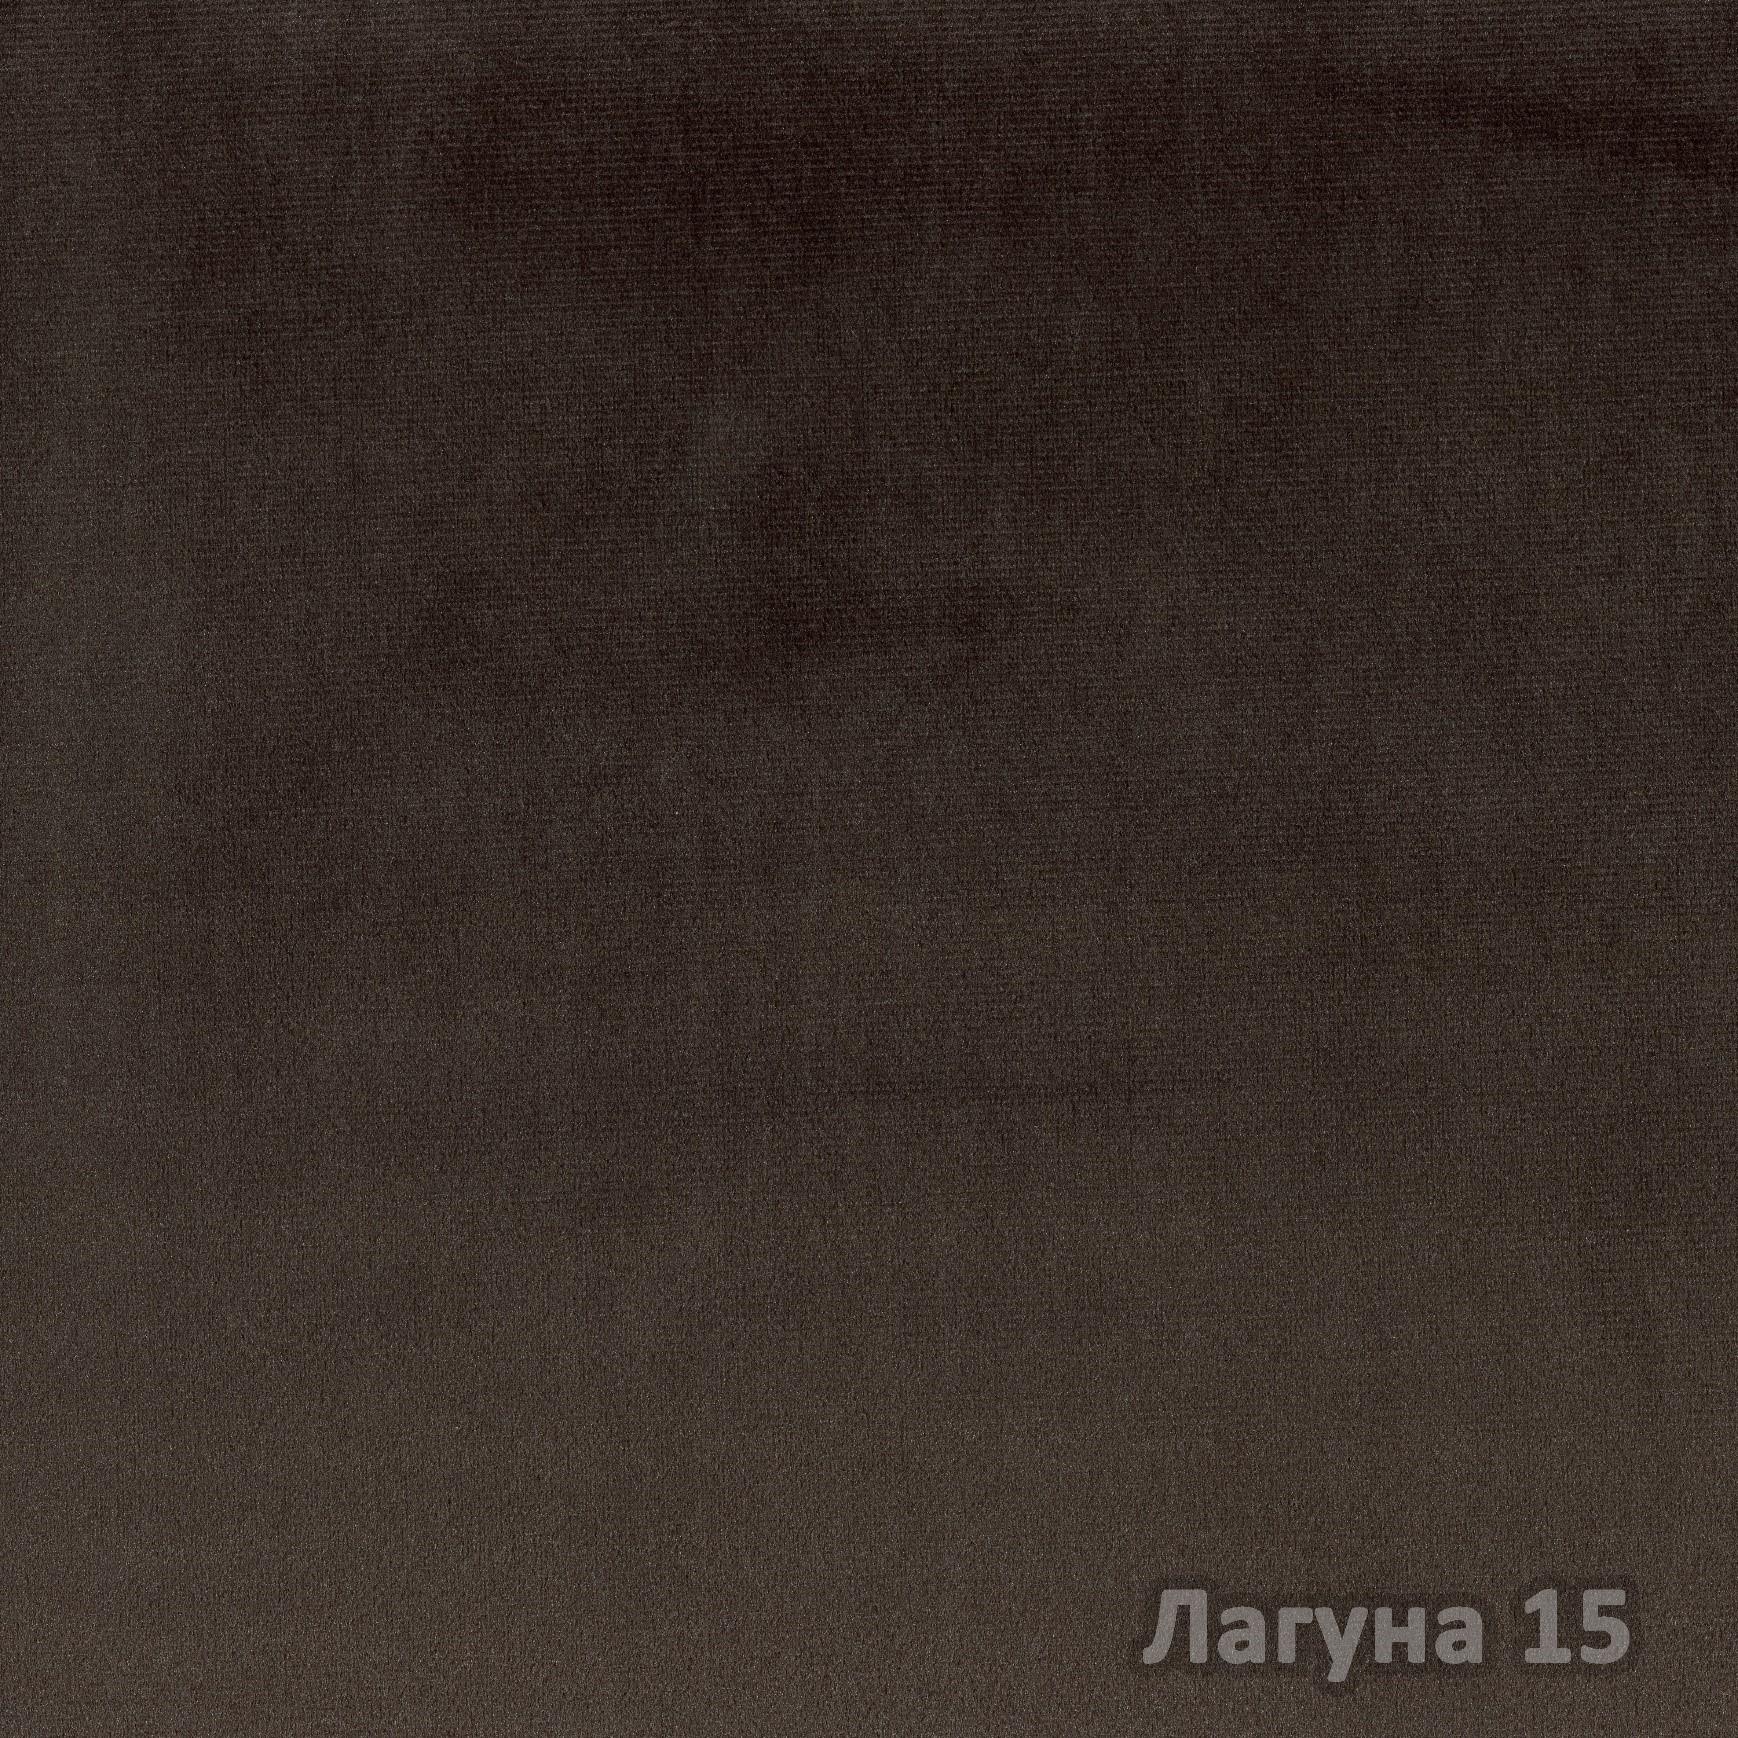 Коллекция ткани Лагуна 15,  купить ткань Велюр для мебели Украина